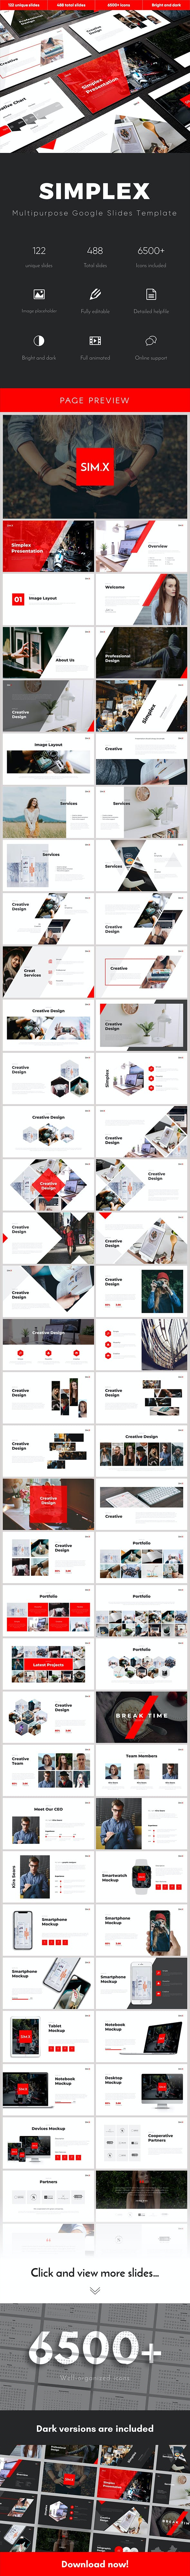 Simplex Multipurpose Google Slides Template